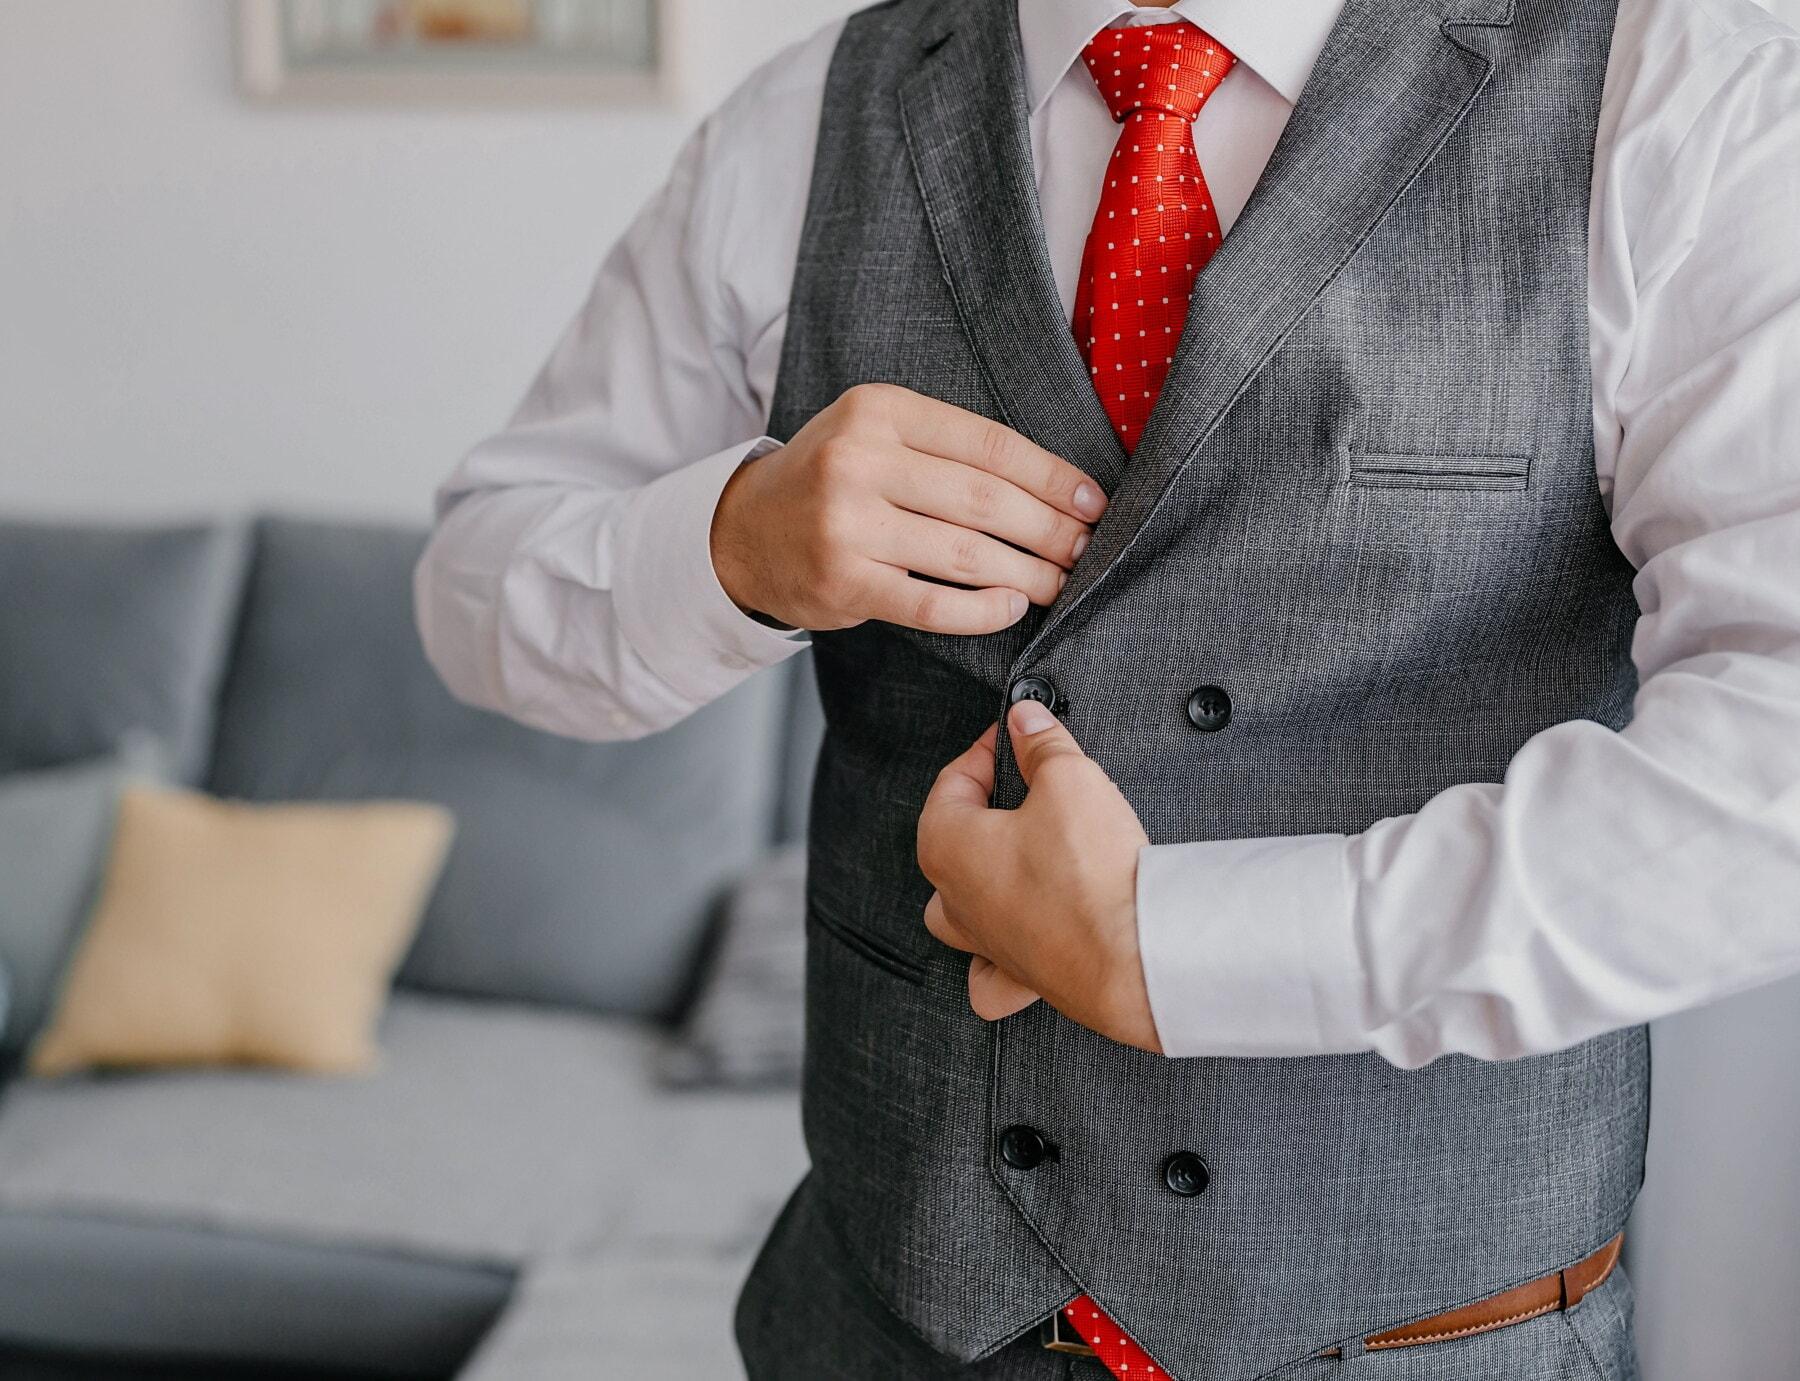 ผู้จัดการ, ชุดทักซิโด้, สีแดง, ผูก, นักธุรกิจ, ตัดเย็บเสื้อผ้า, คน, ธุรกิจ, เหมาะสมกับ, เสื้อผ้า